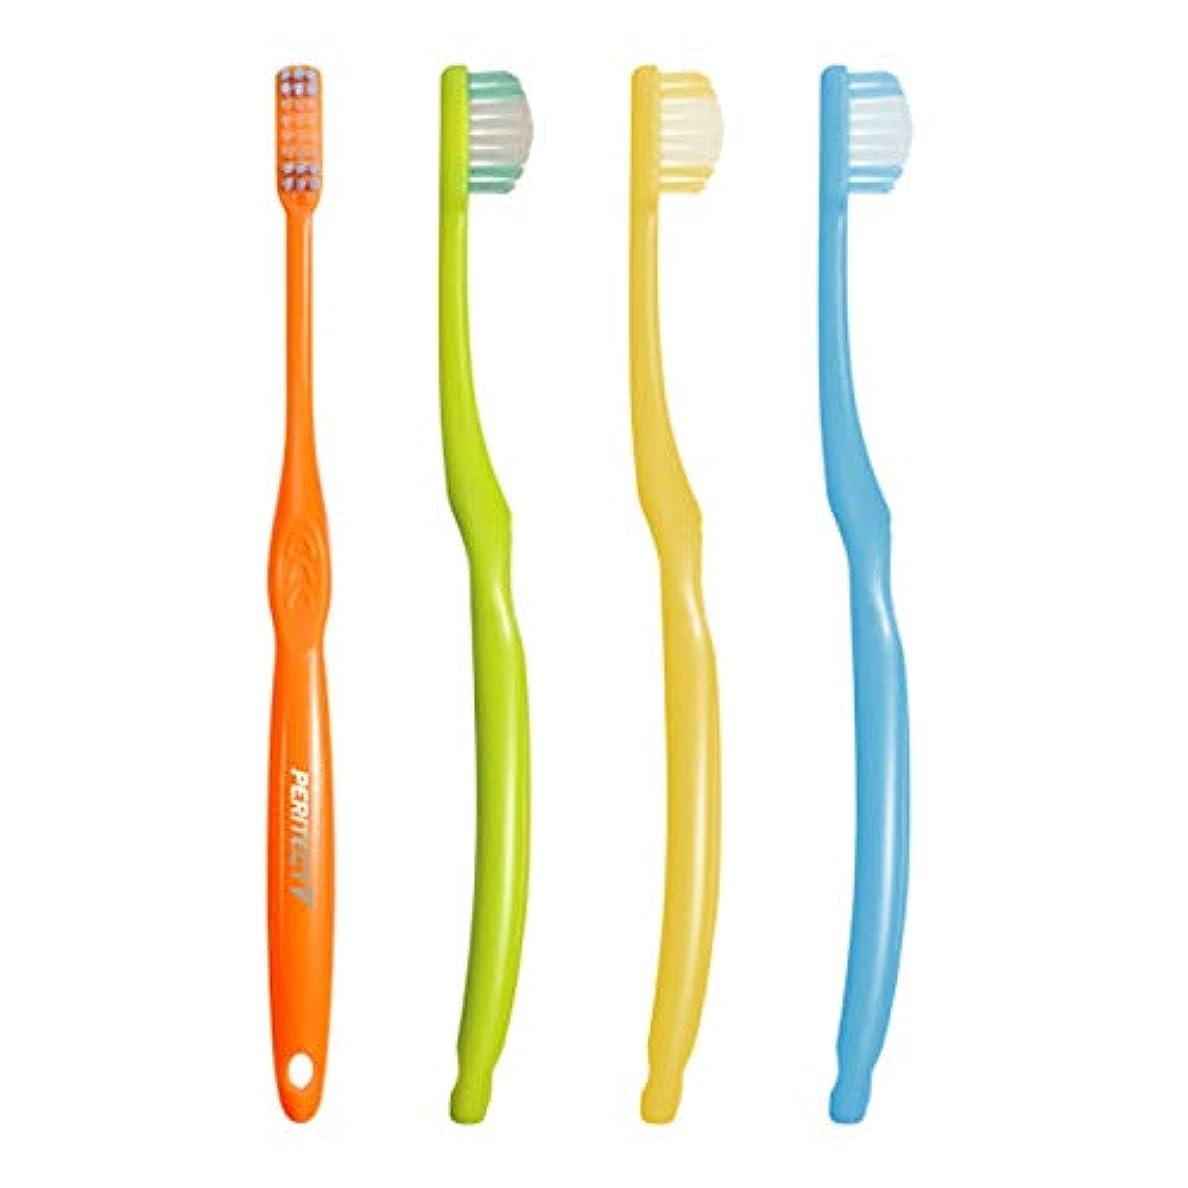 十分なサバント委員長ビーブランド PERITECT V ペリテクト ブイ 8M(ふつう)×1本 歯ブラシ 歯科専売品